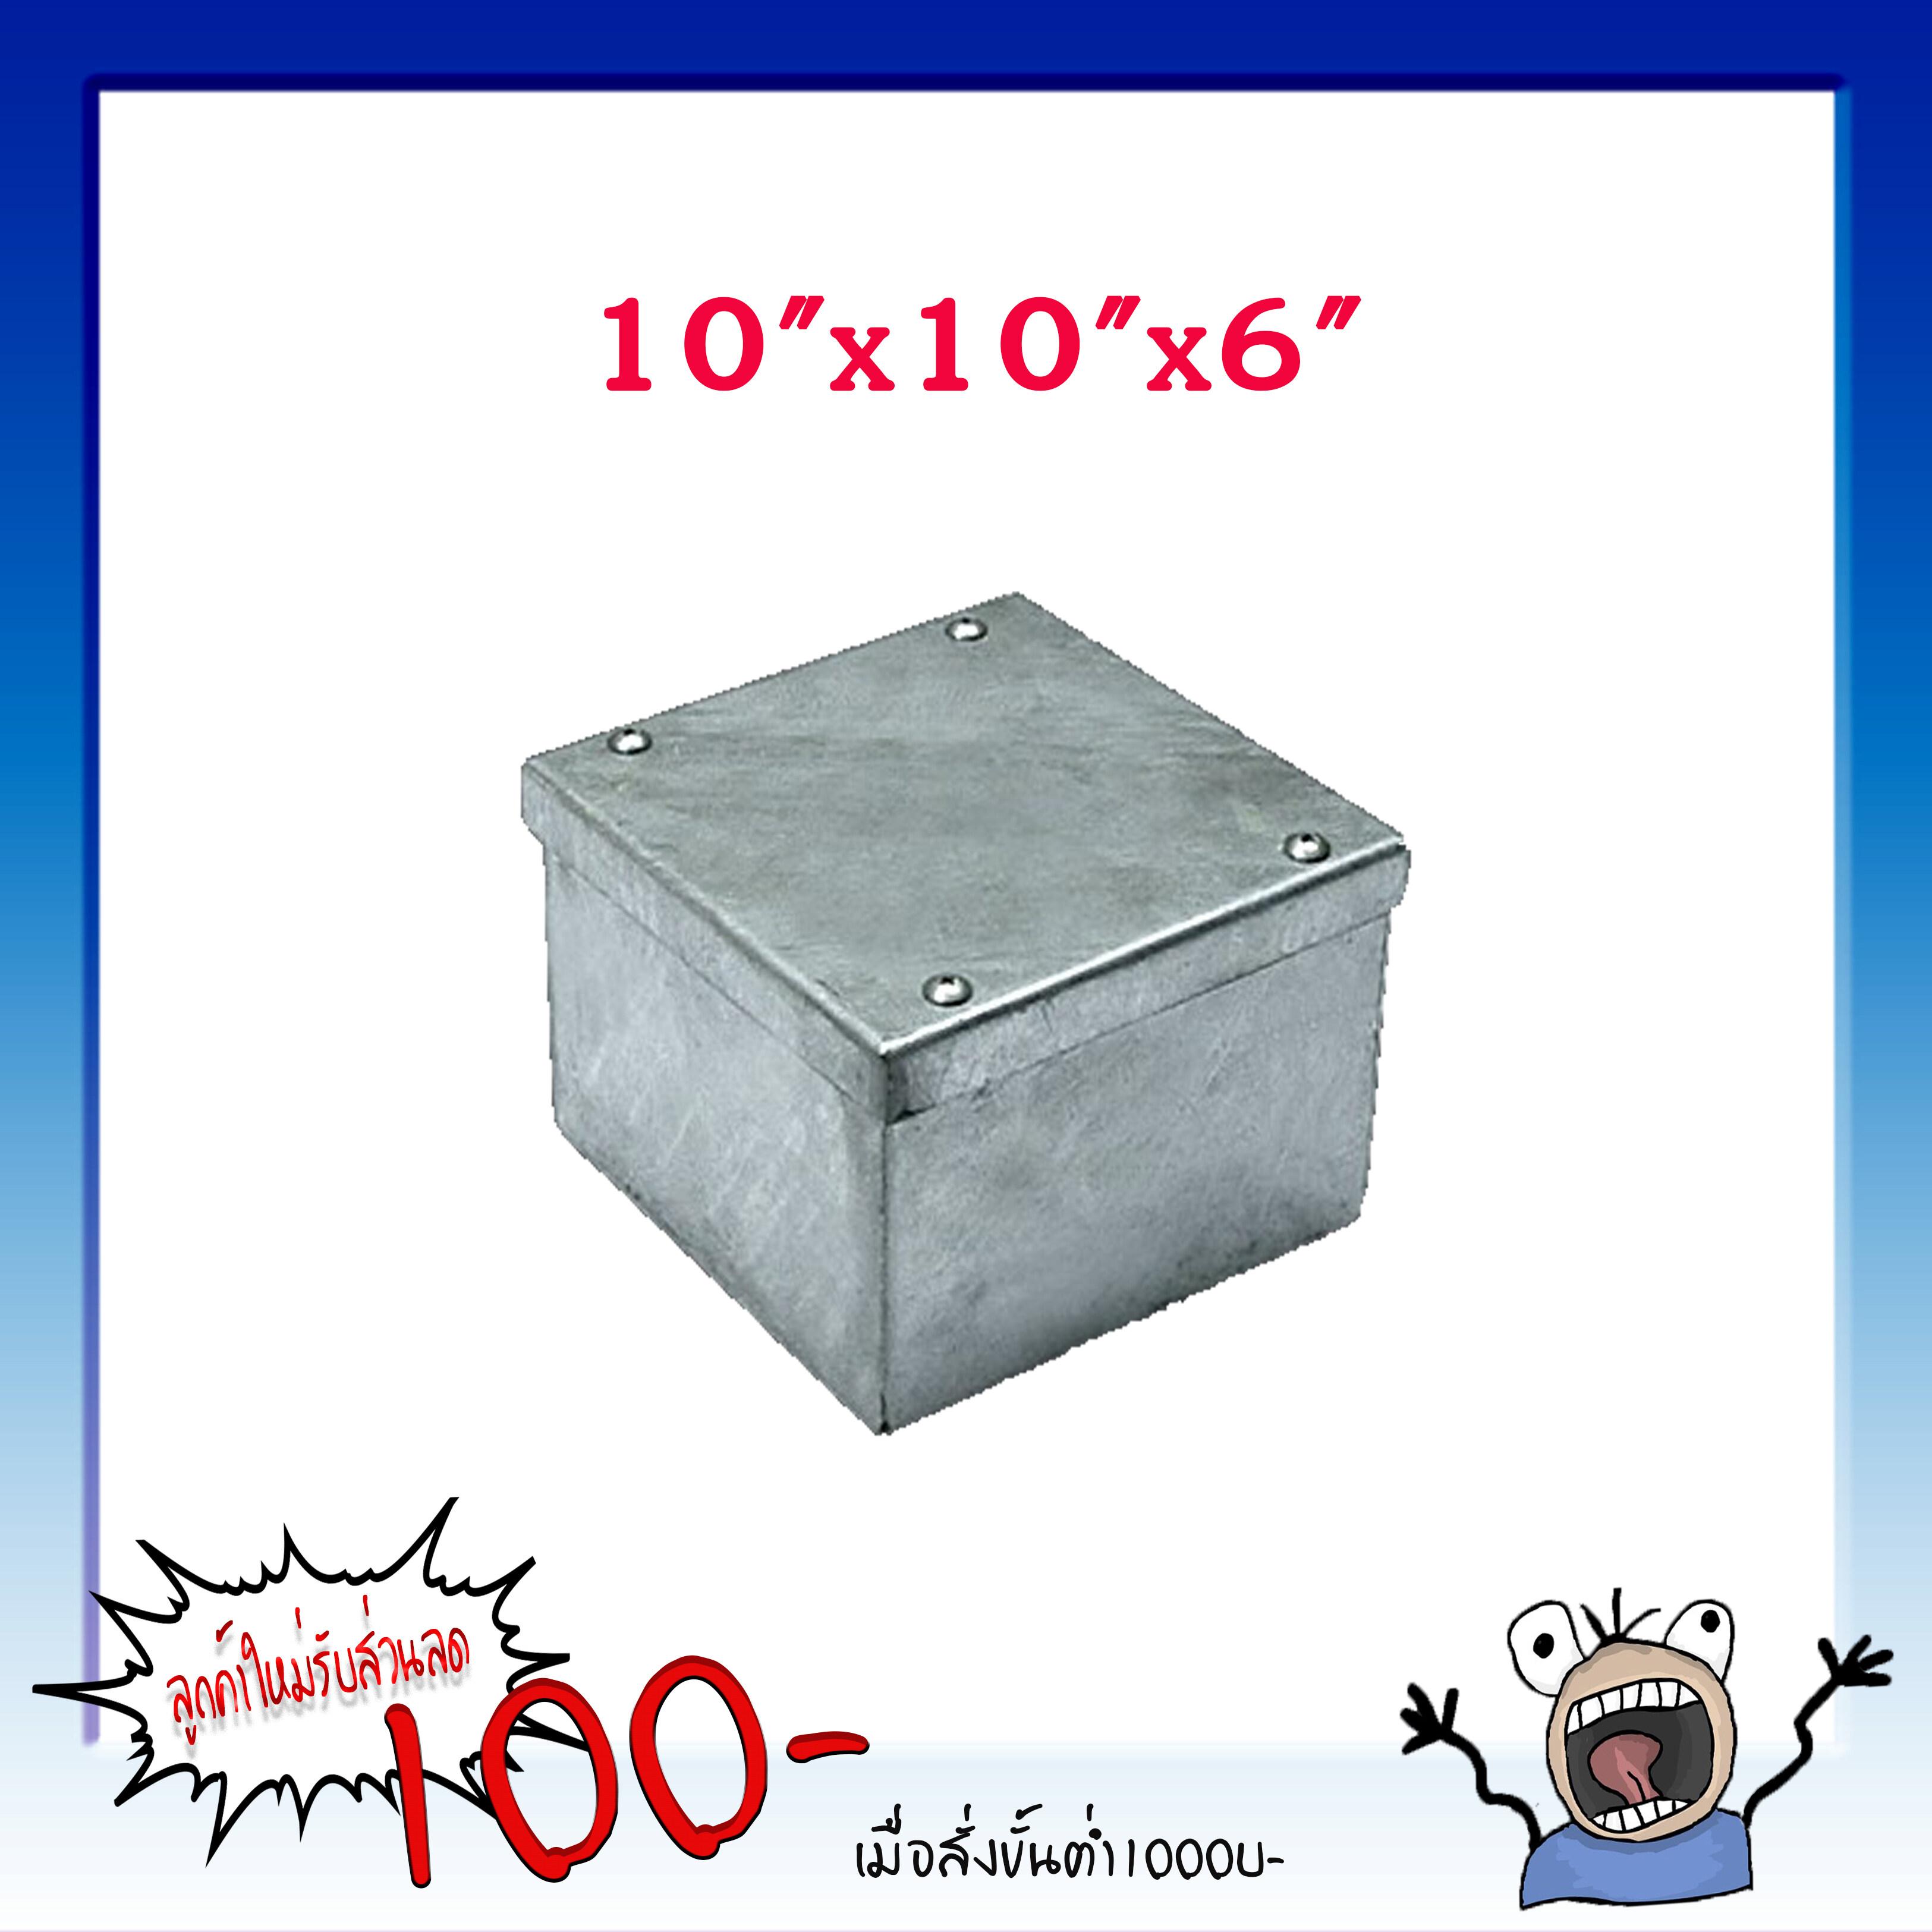 PULL BOX ชุบกัลวาไนซ์ (Cavanite) 4 x4 x4 - 6 x6 x4 -8 x8 x4 -8 x8 x6 -10 x10 x4 - 10 x10 x6 -10 x10 x8 -12 x12 x4 -12 x12 x6 -14 x14 x4 -14 x14 x6 -14 x14 x8 - 16 x16 x6 -16 x16 x8